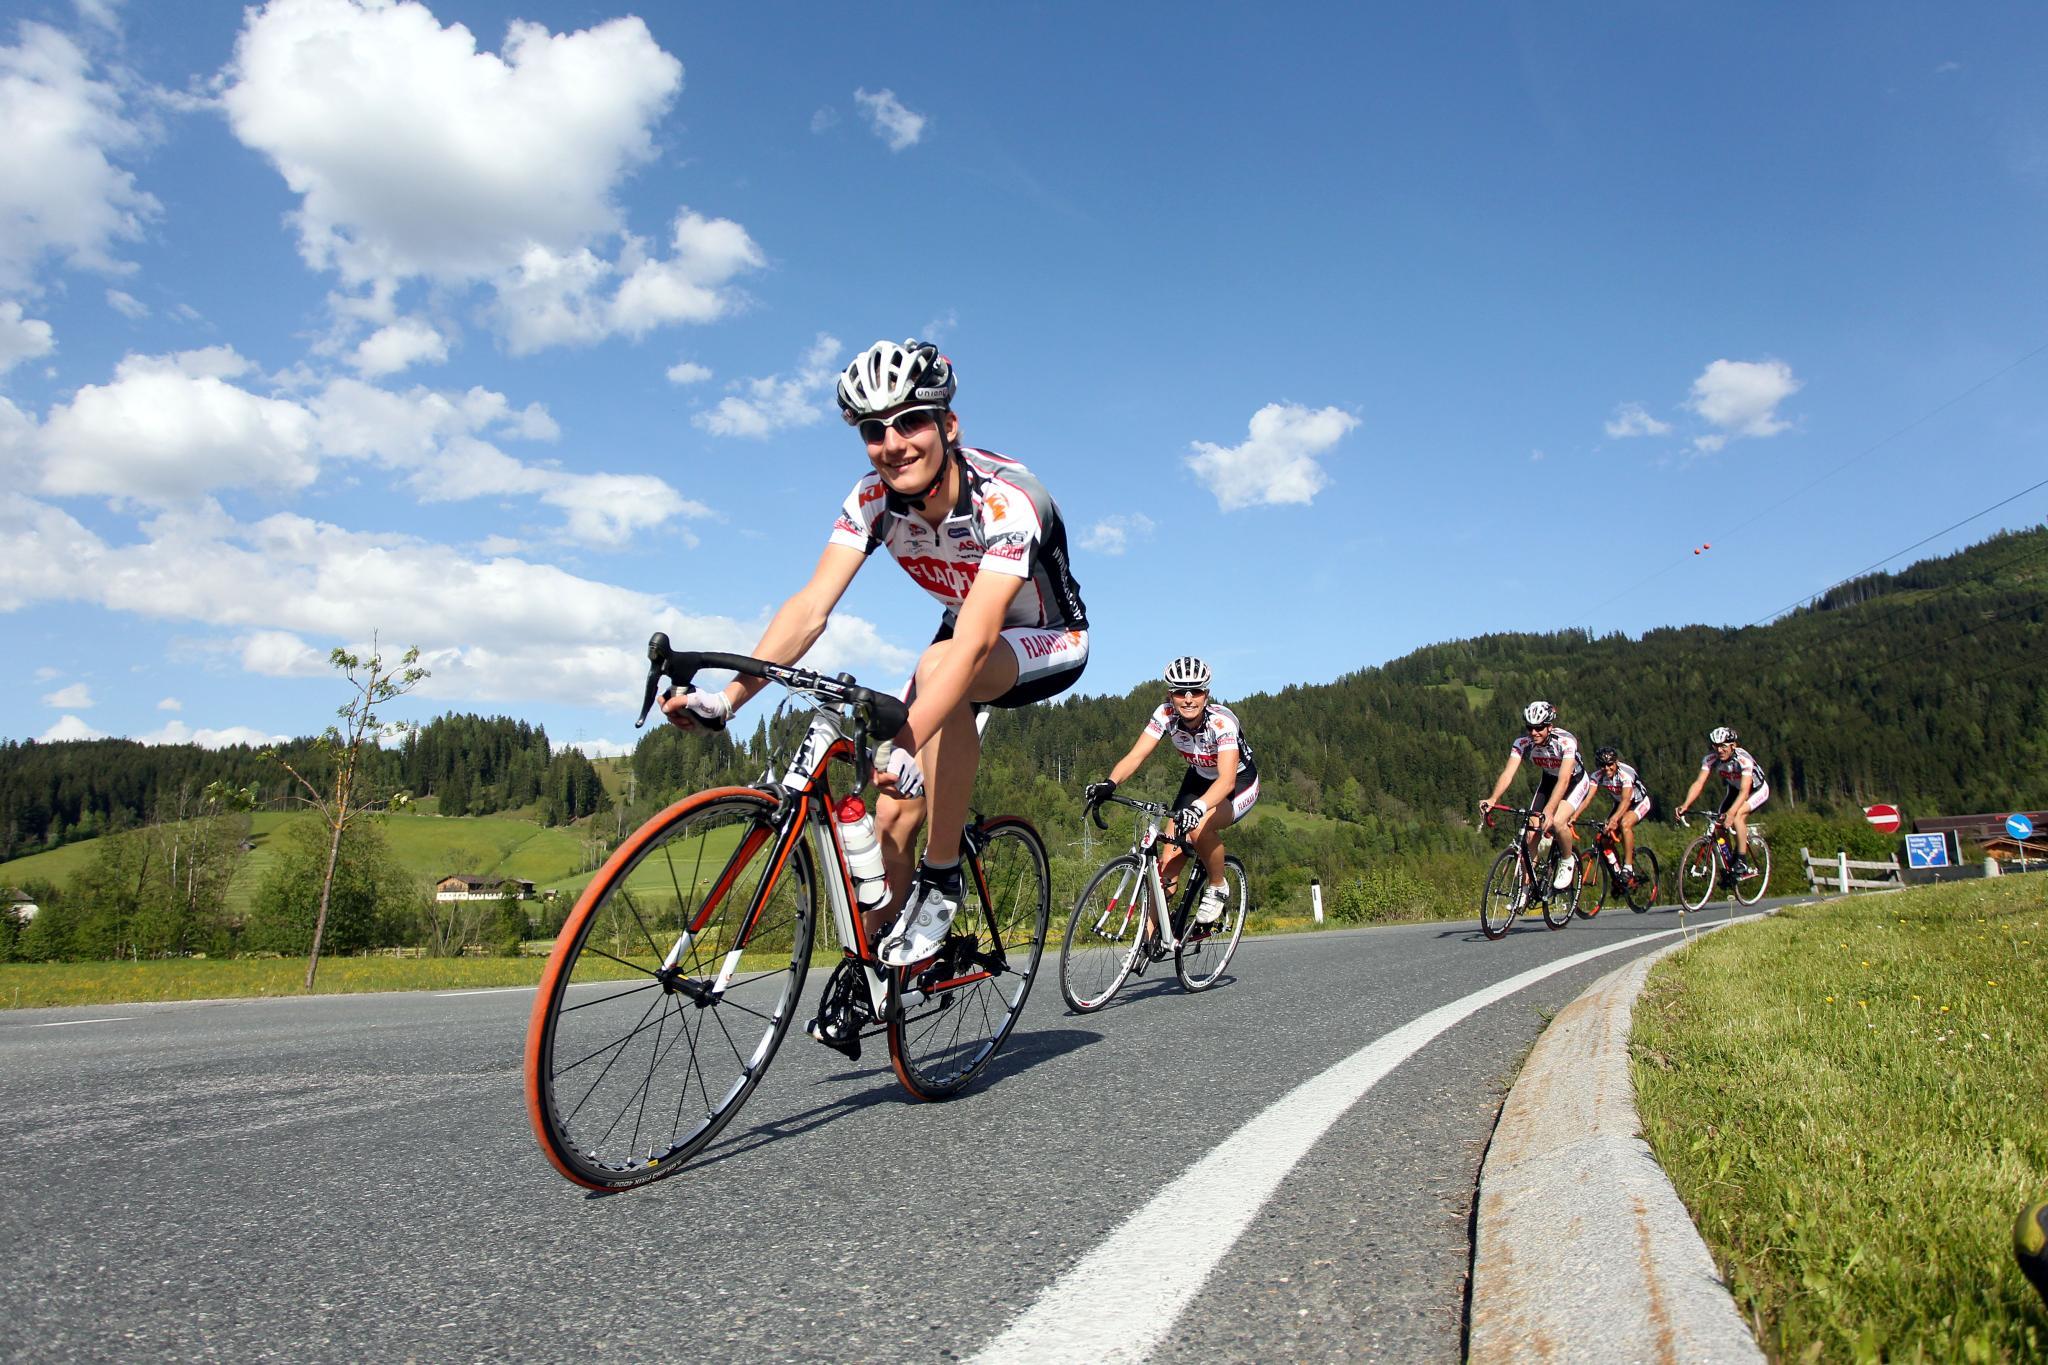 sheriffs host bike road - HD2048×1365